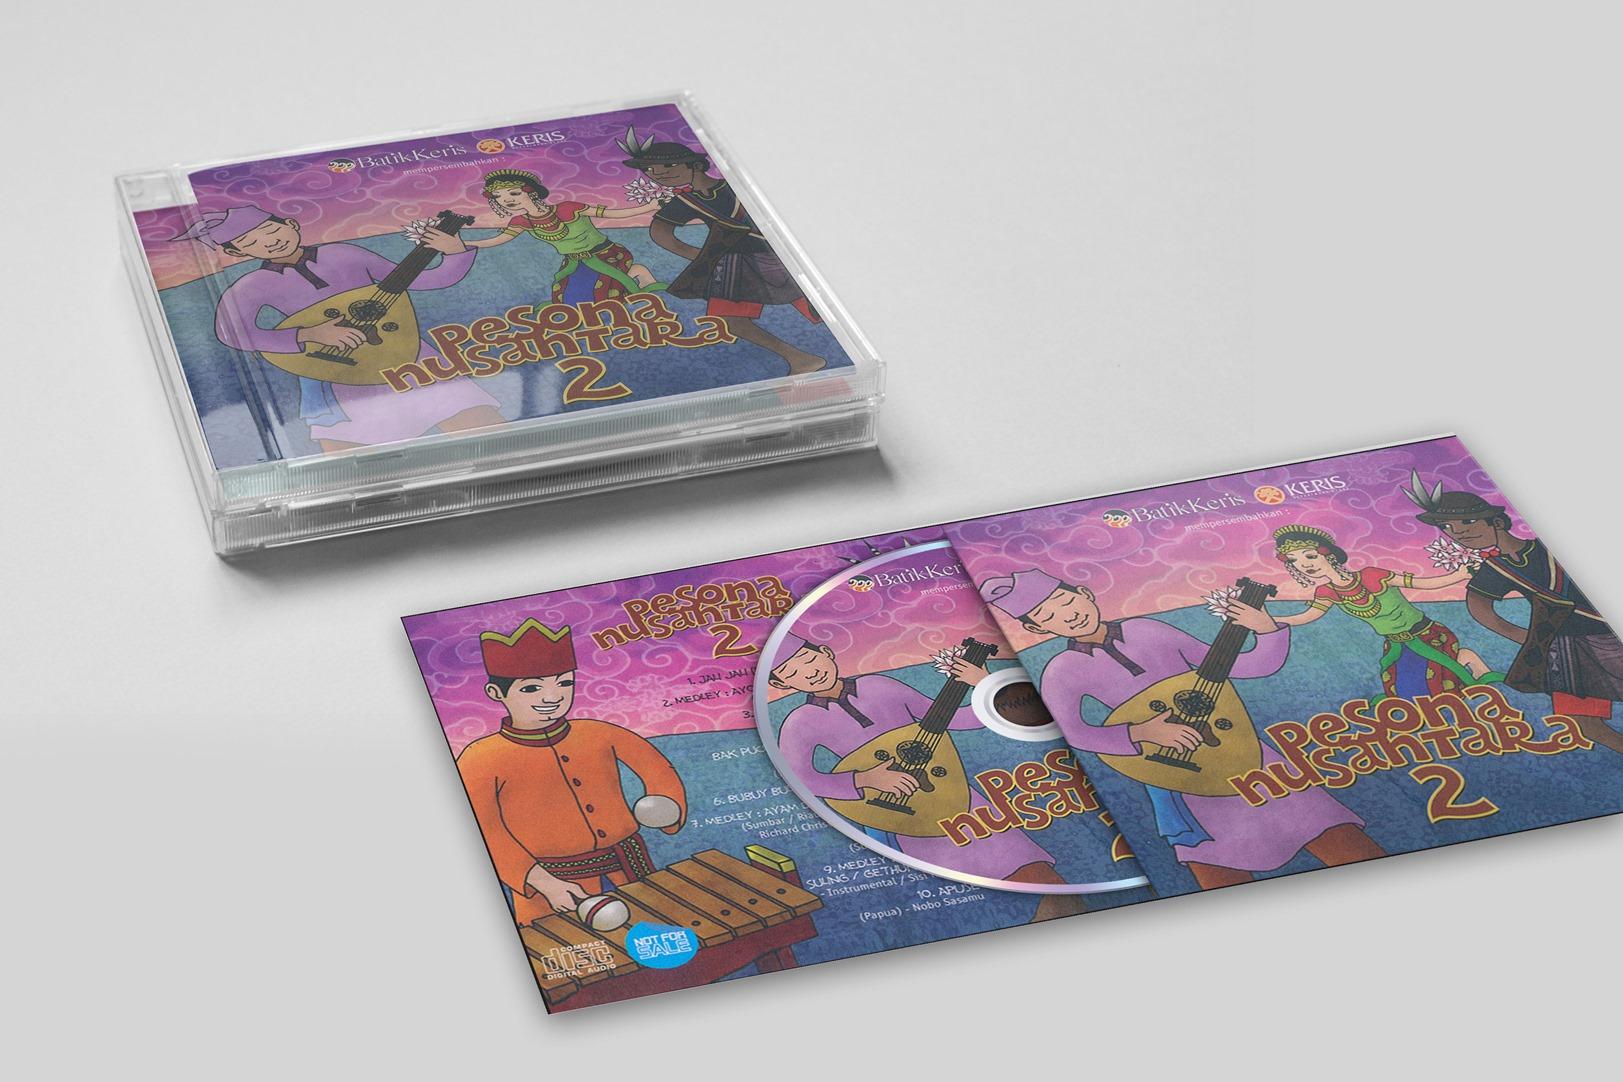 CD Pesona Nusantara 2